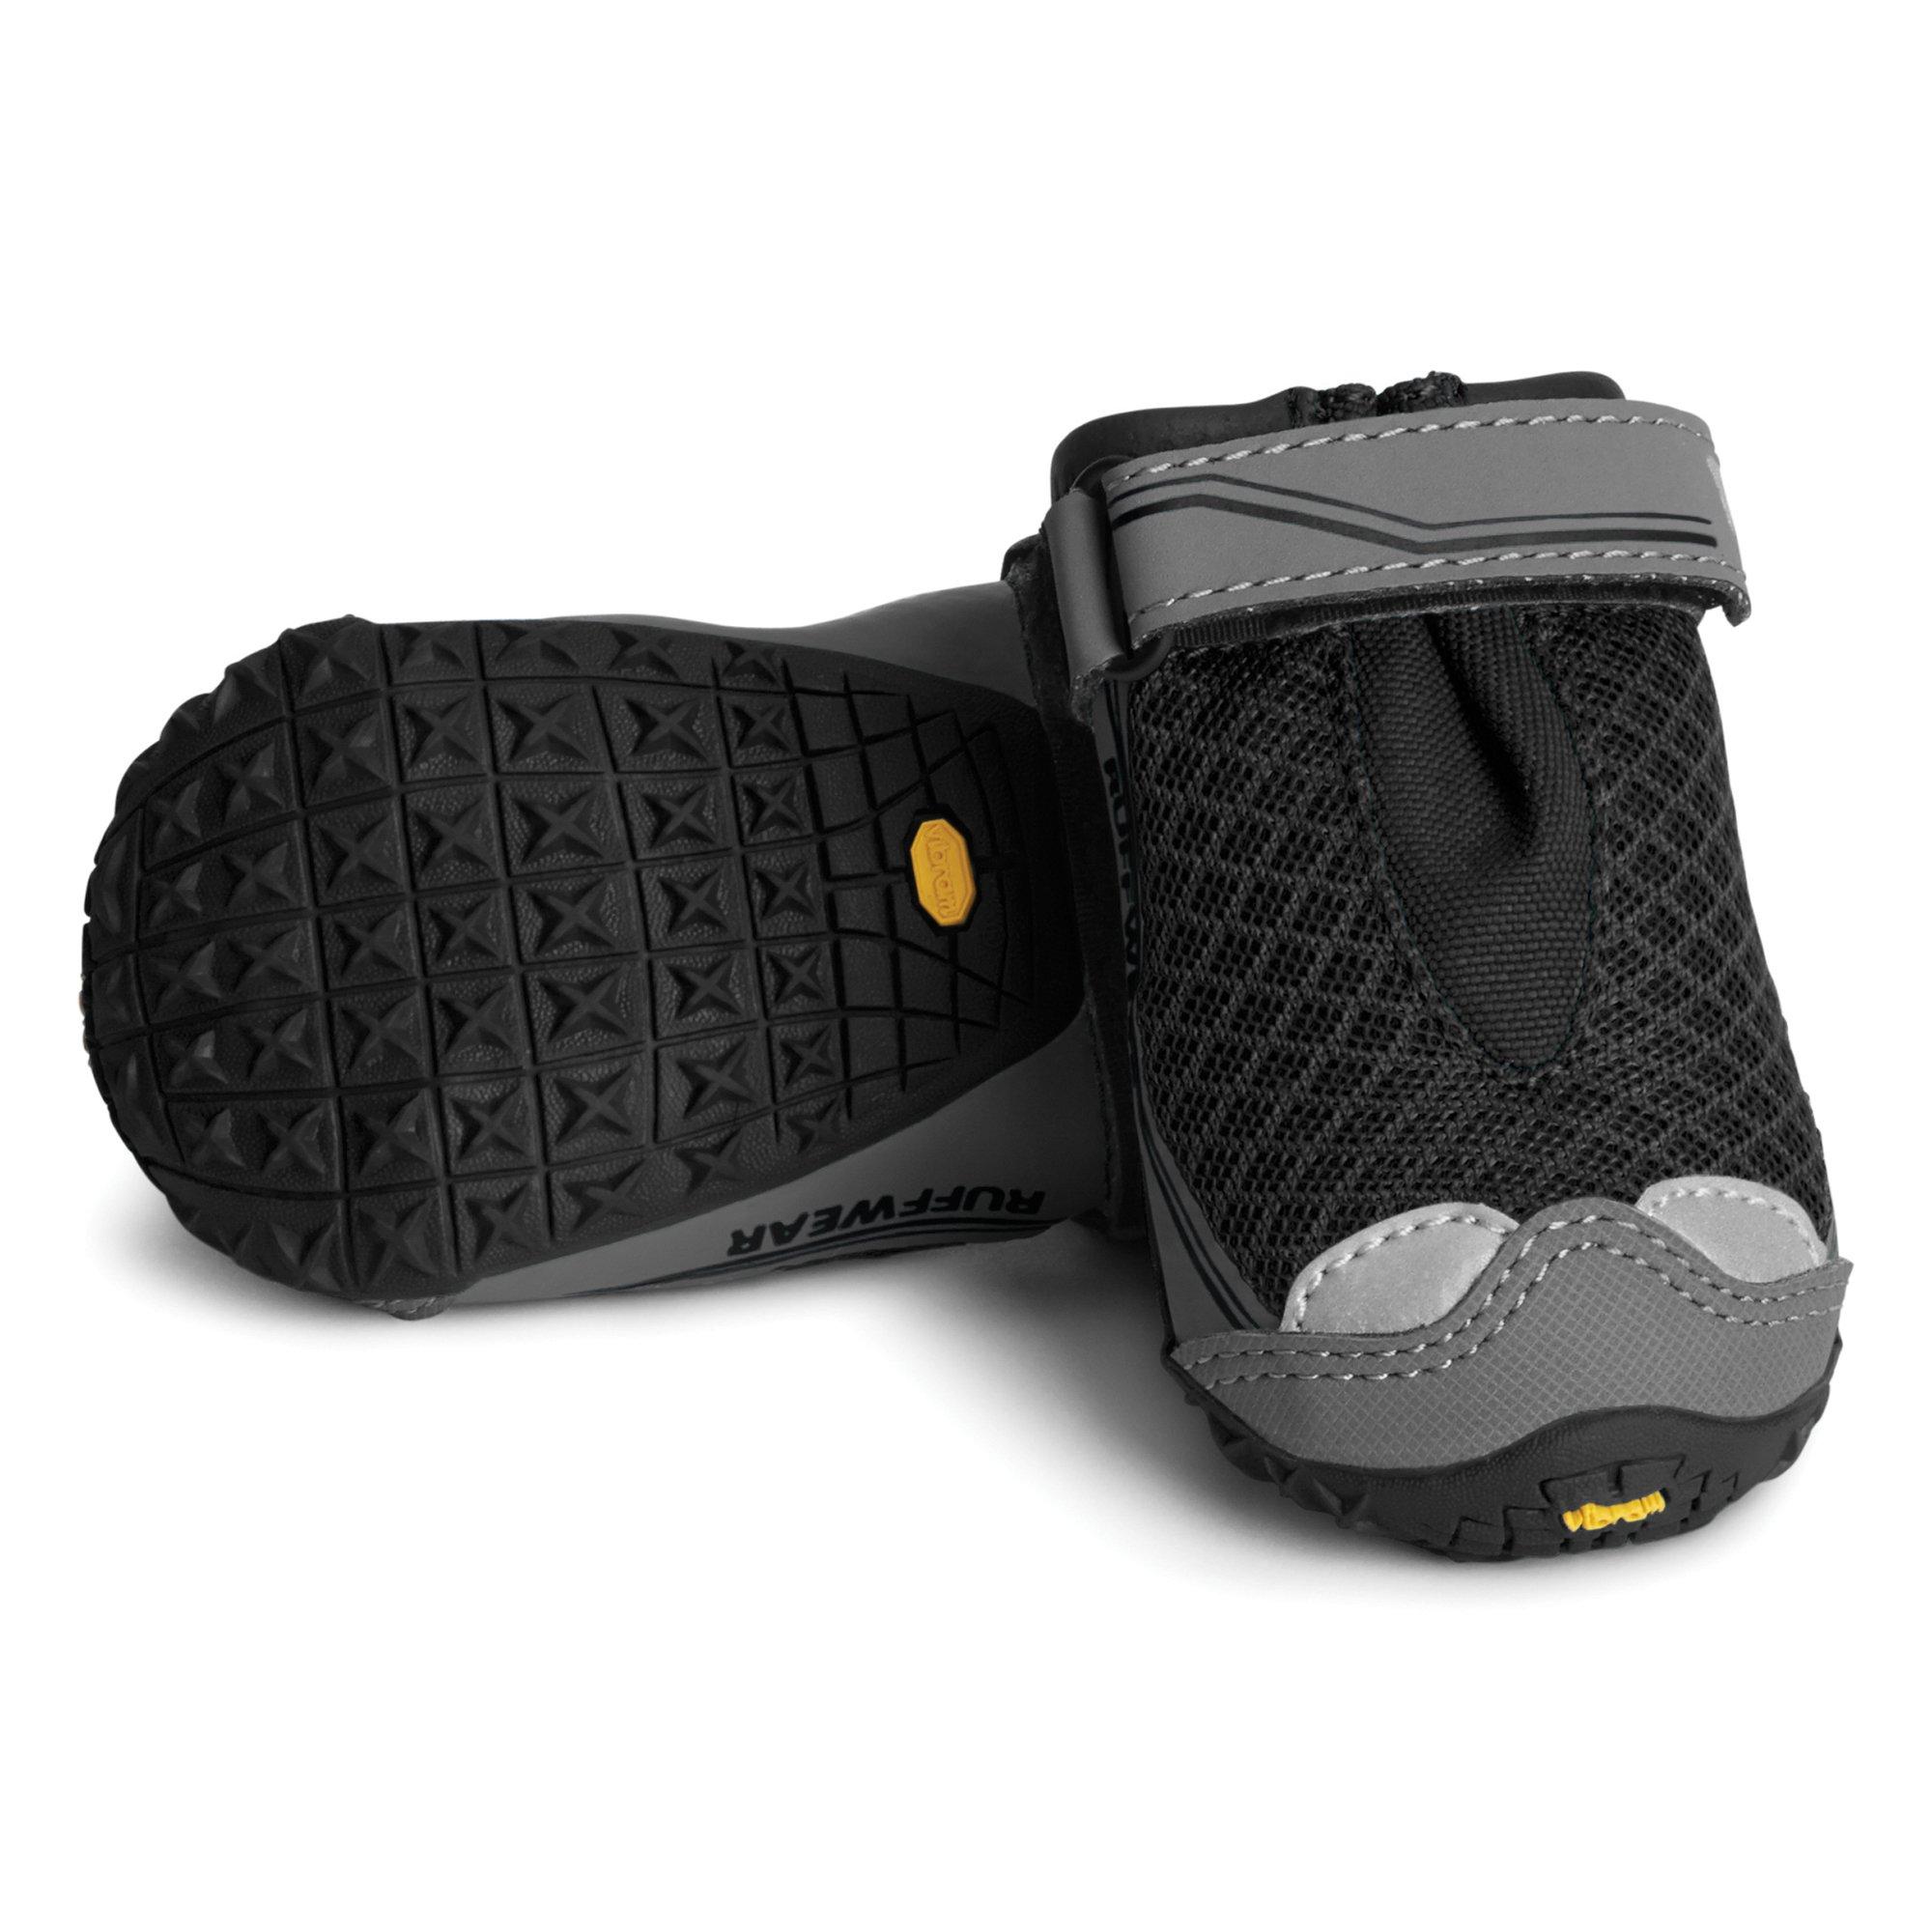 RUFFWEAR - Grip Trex, Obsidian Black, 2.0 in (2 Boots)